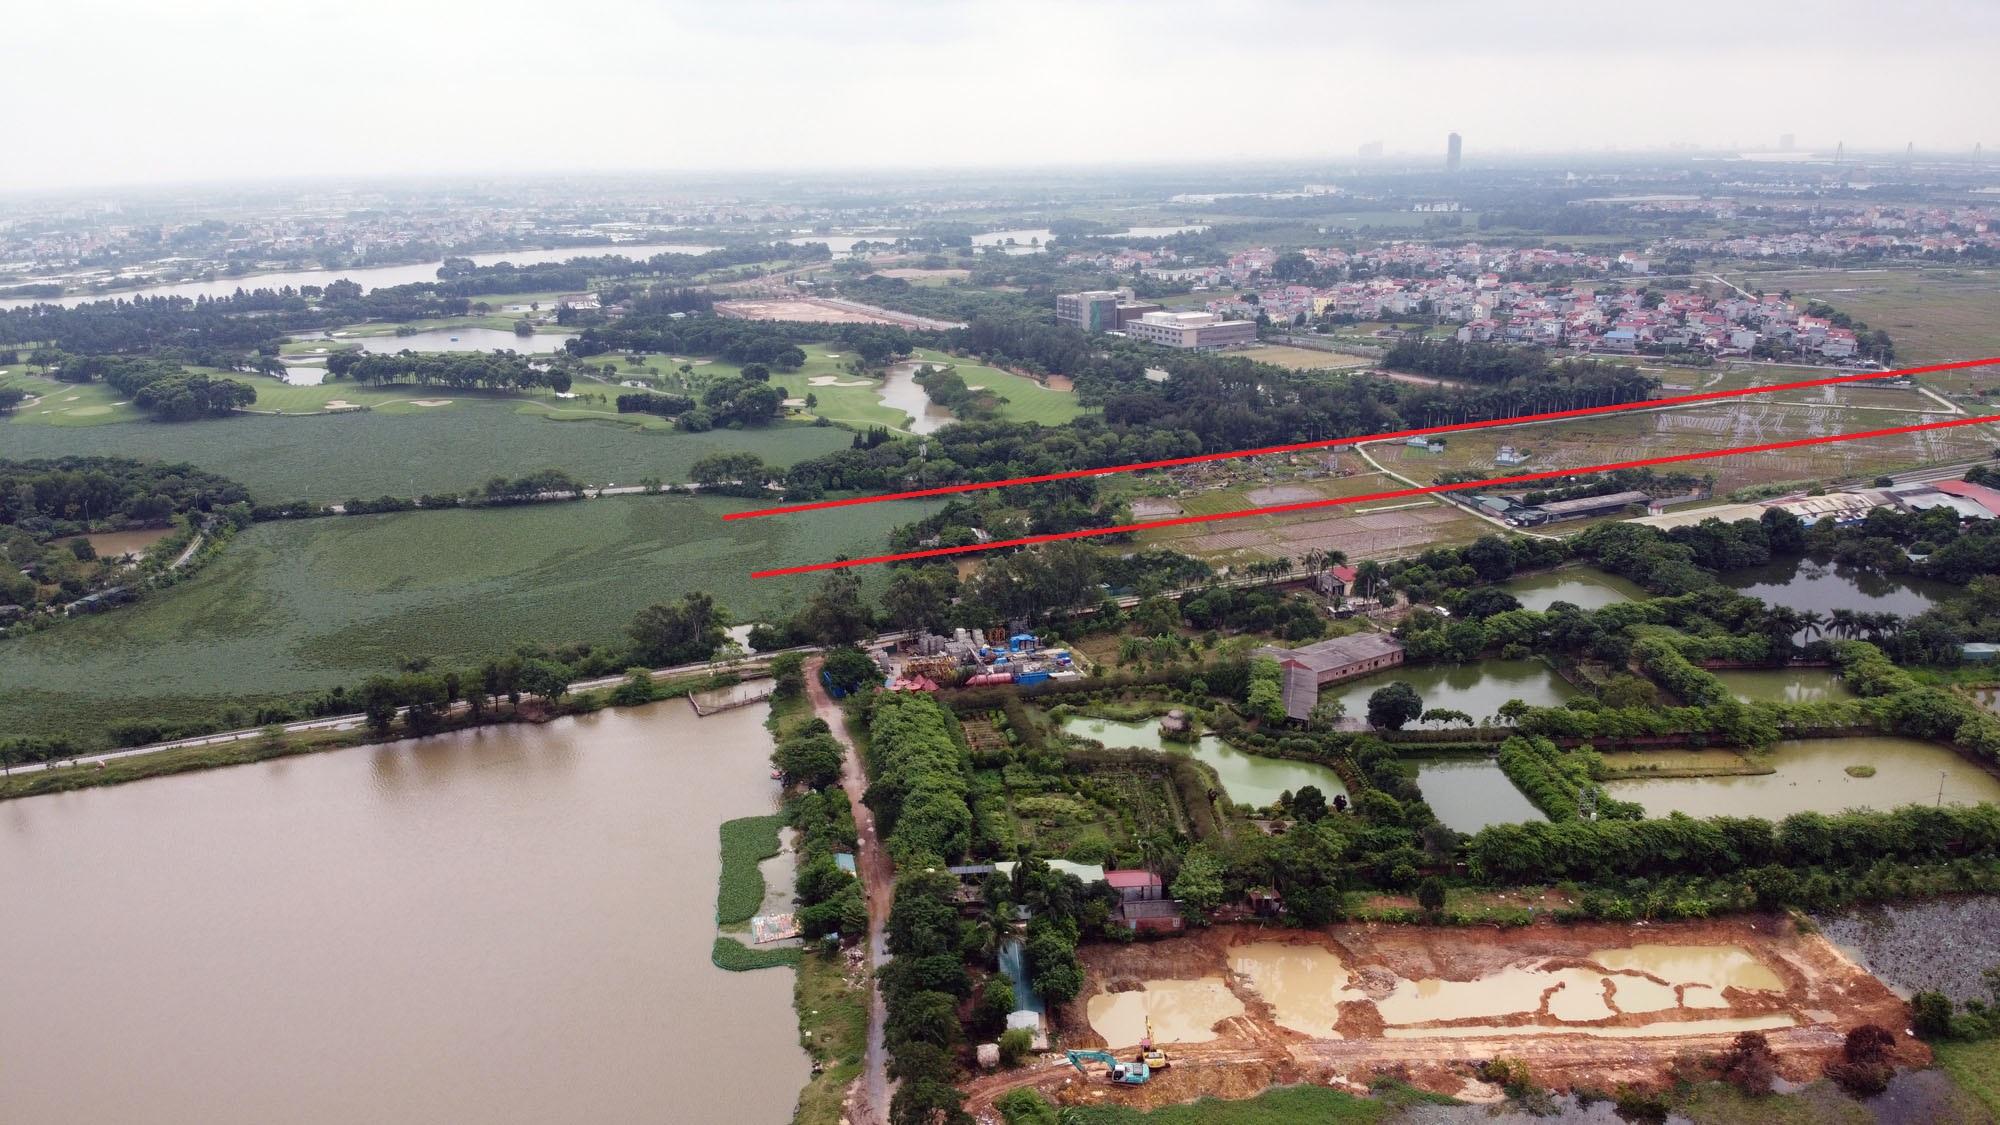 đường sẽ mở theo qui hoạch ở xã Kim Nỗ, Đông Anh, Hà Nội - Ảnh 8.